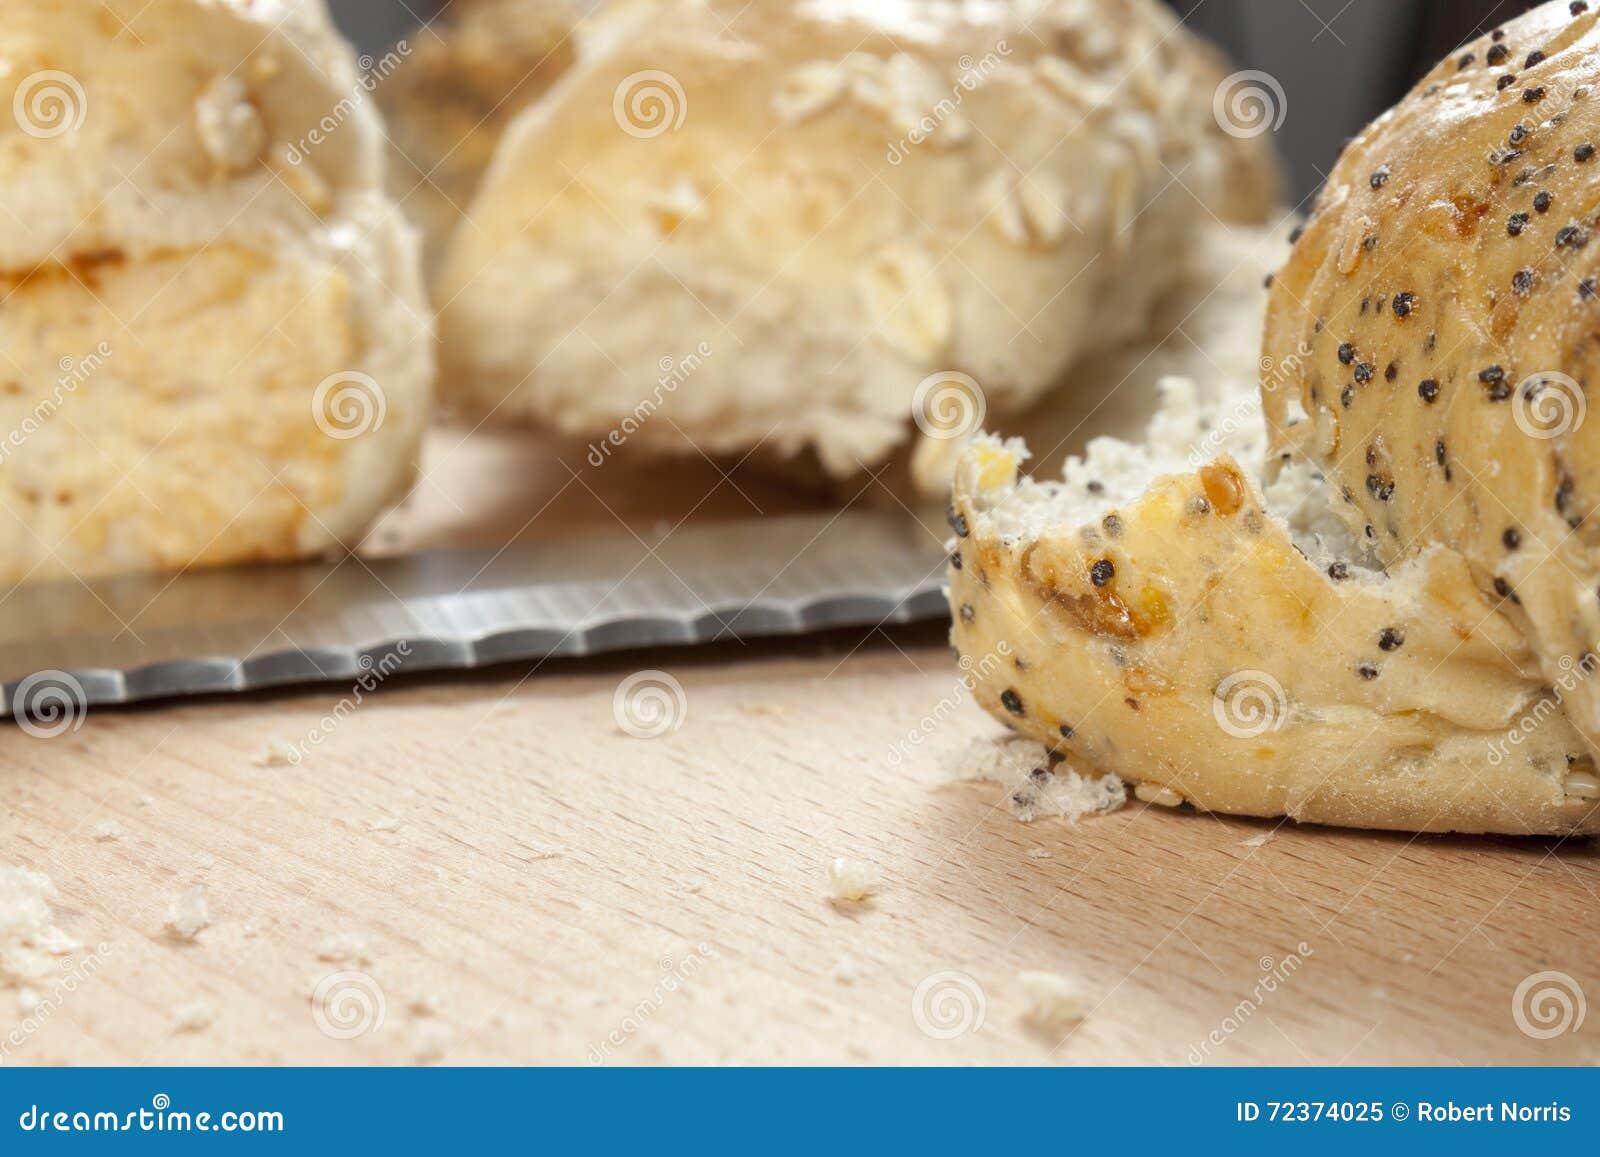 放置在厨房worktop的种子小圆面包